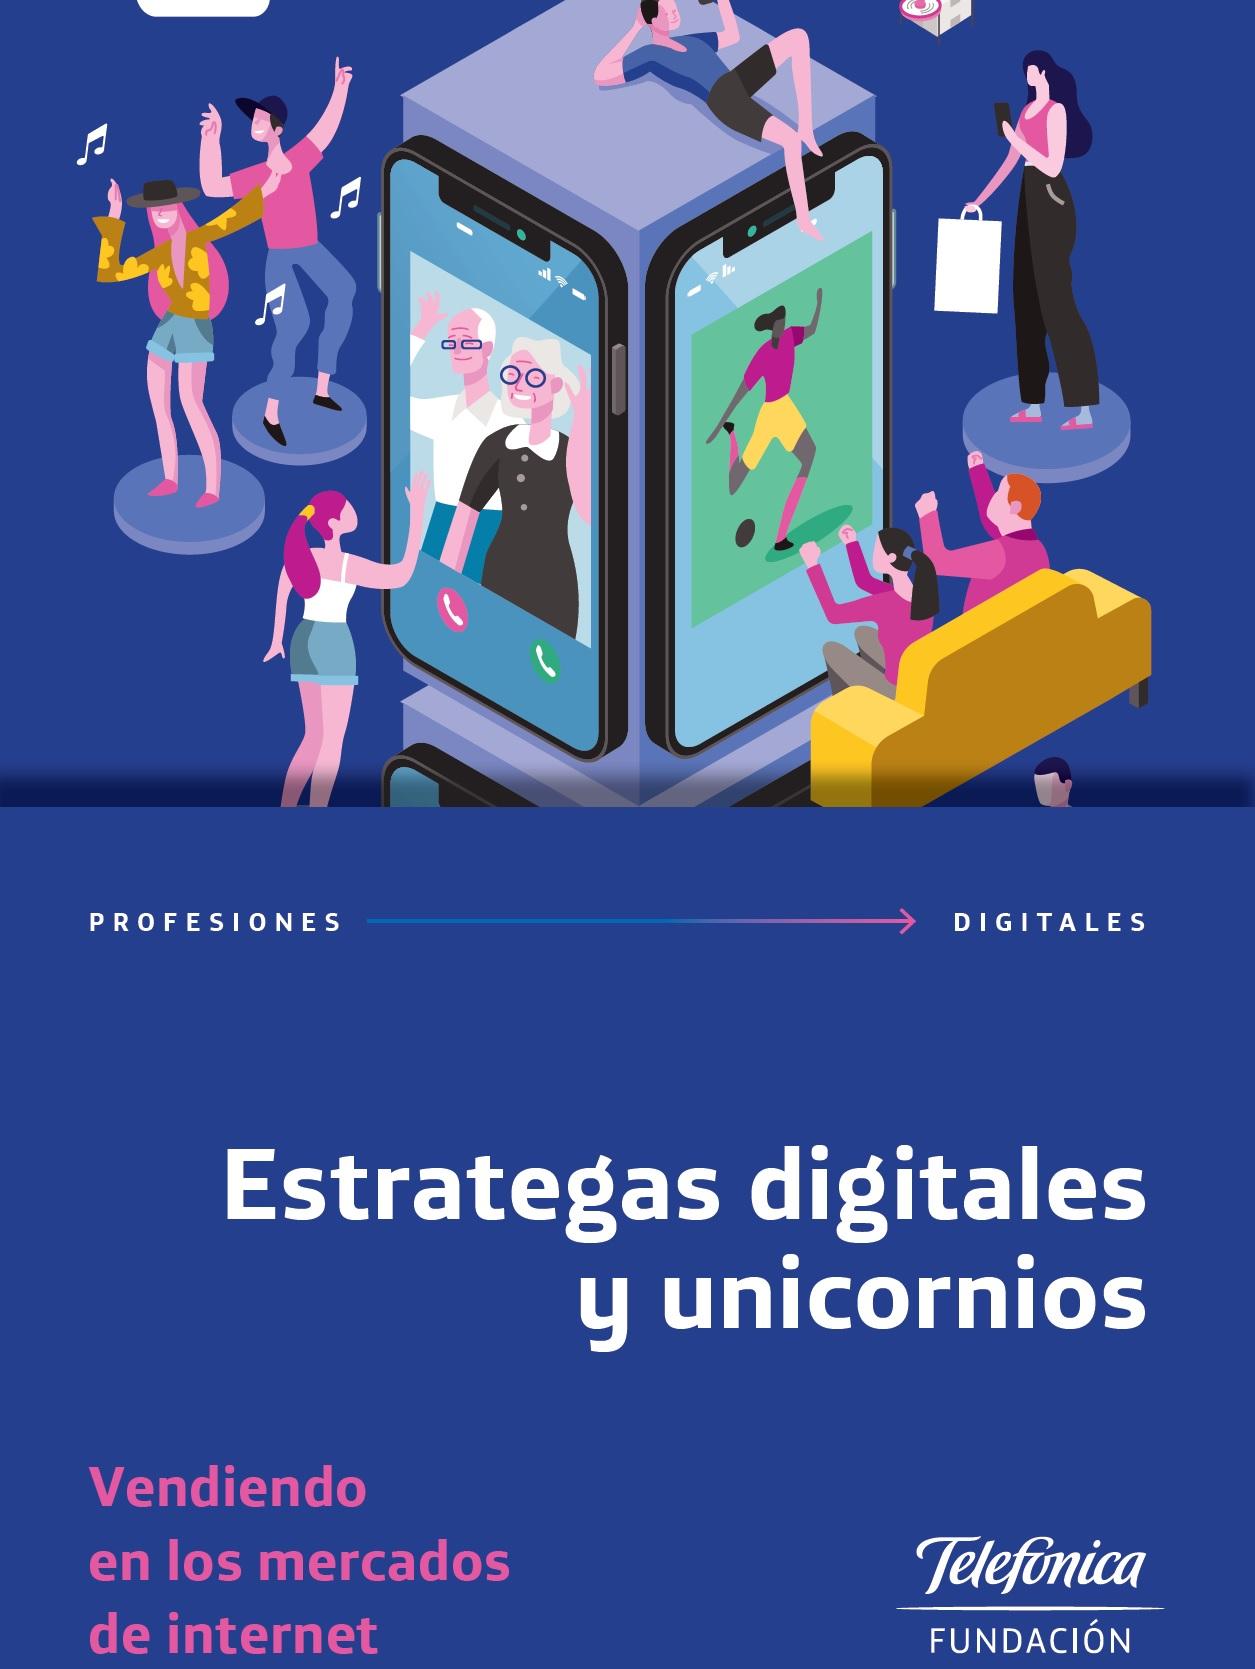 Profesiones Digitales 4. Estrategas digitales y unicornios